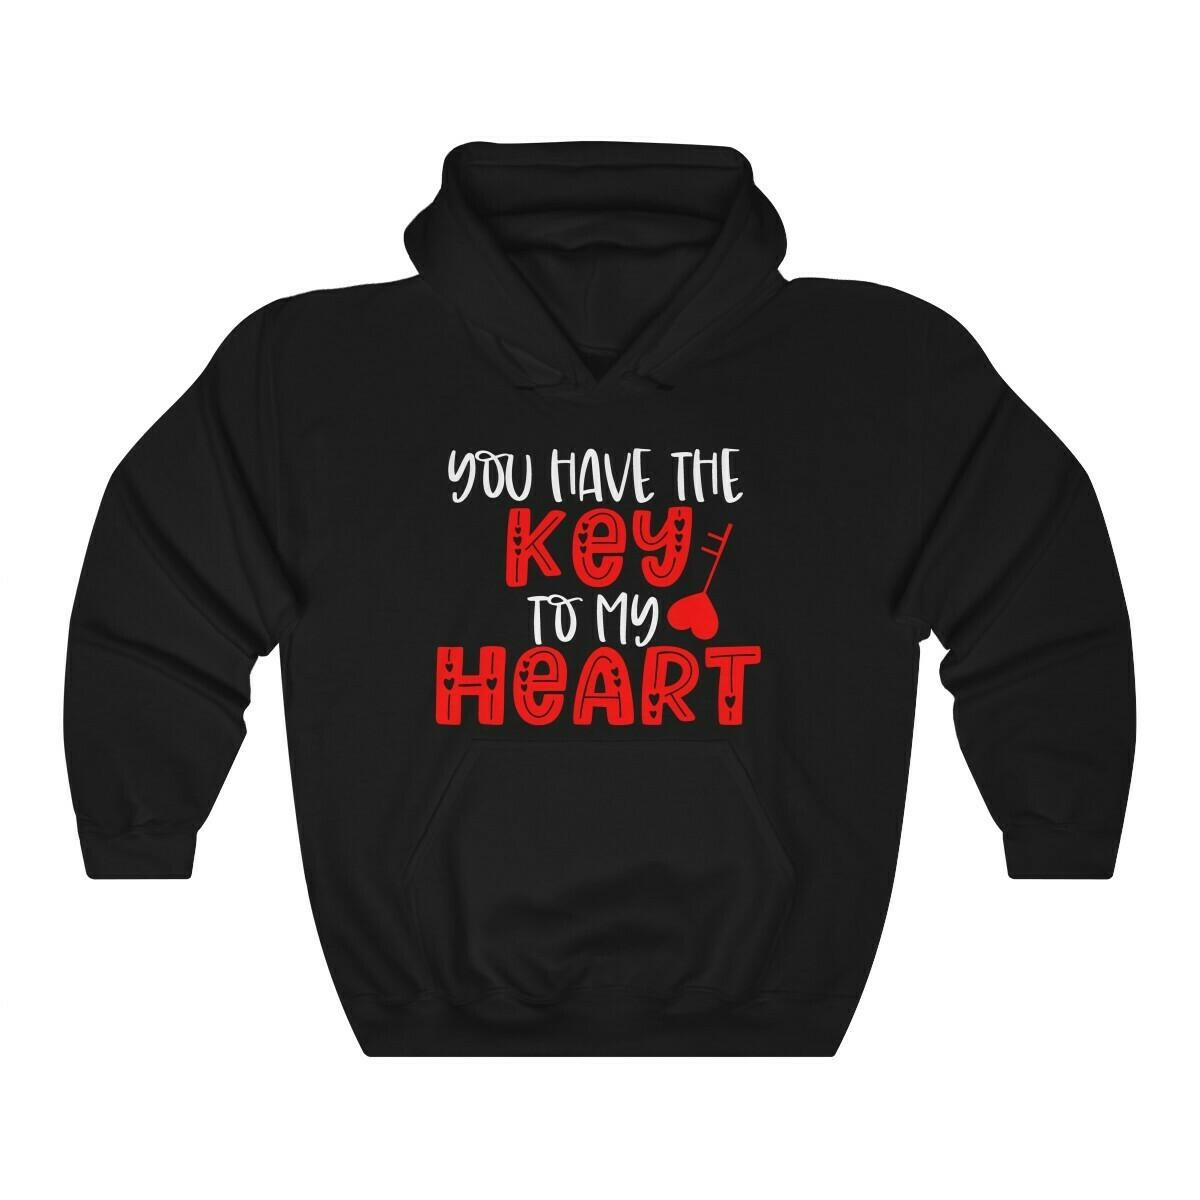 *Key to My Heart - 18500